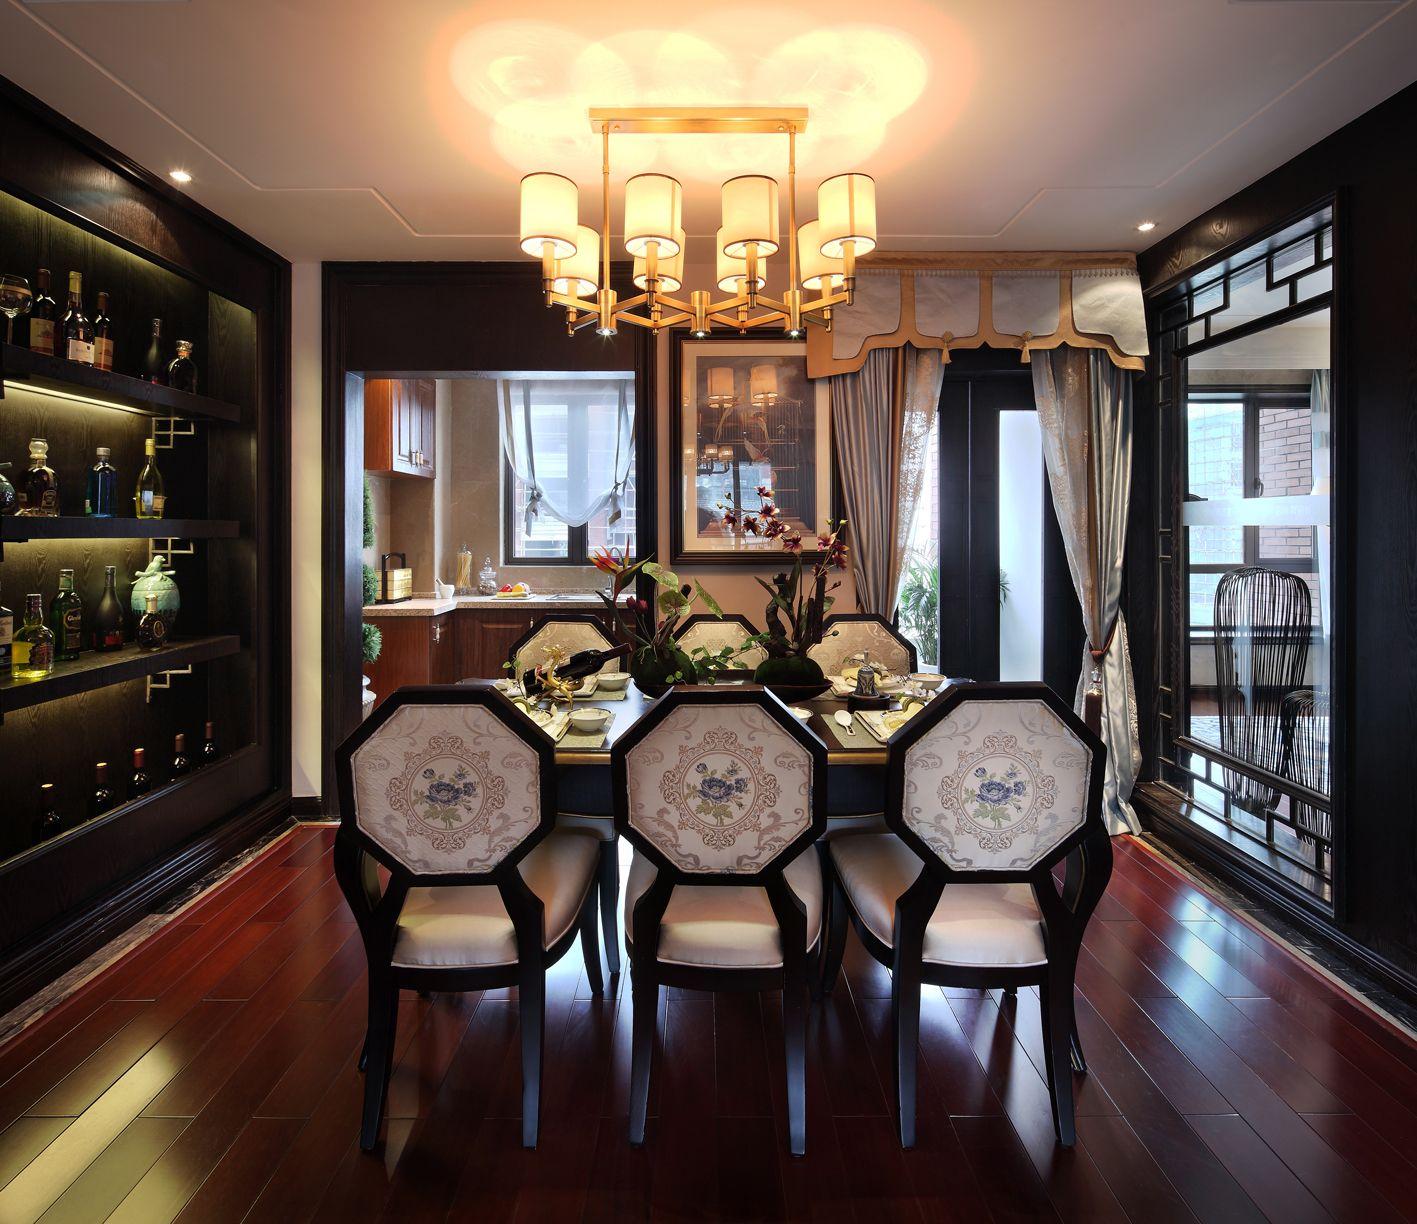 餐厅氛围很温馨,餐边柜设计既起到了隔断作用,又满足收纳,桌椅也非常有古典韵味。